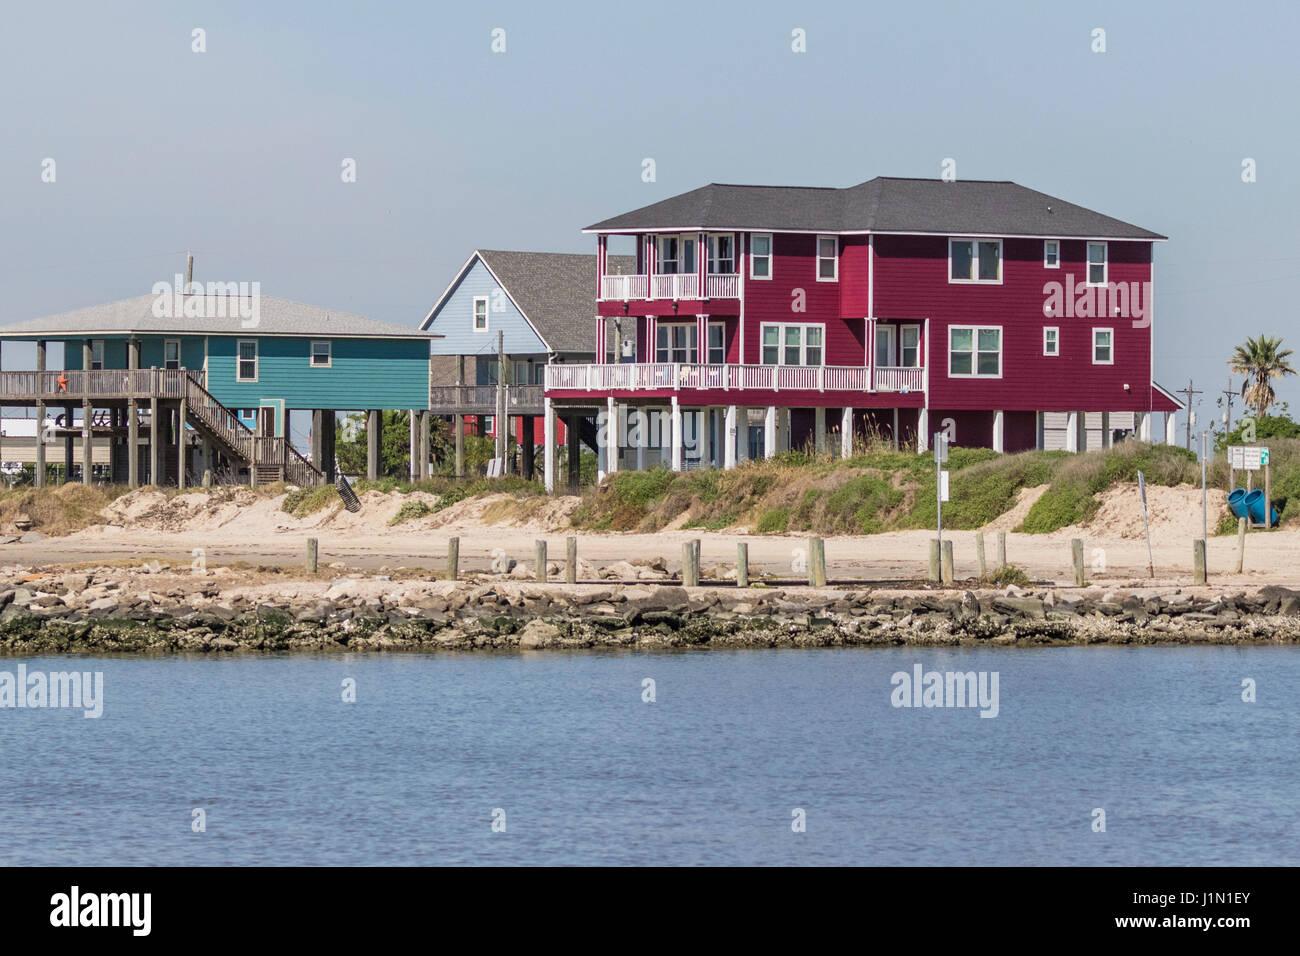 Beach House On Stilts Stock Photos & Beach House On Stilts ...